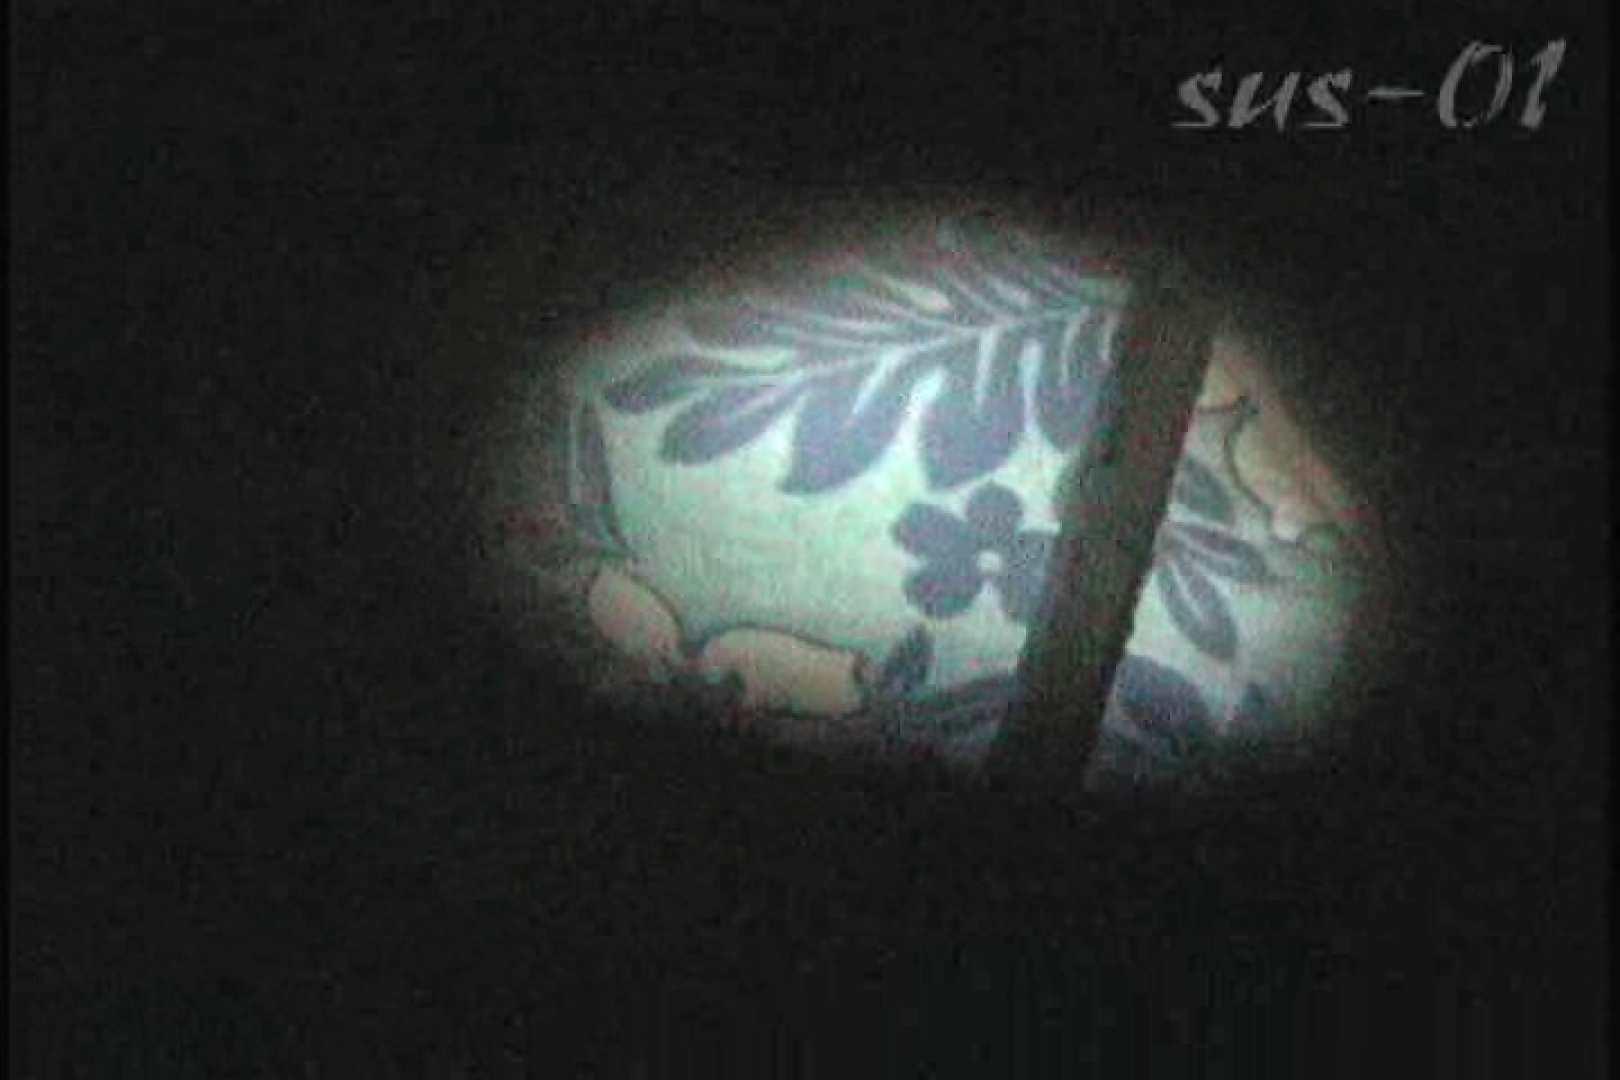 サターンさんのウル技炸裂!!夏乙女★海の家シャワー室絵巻 Vol.01 シャワー  92PIX 69